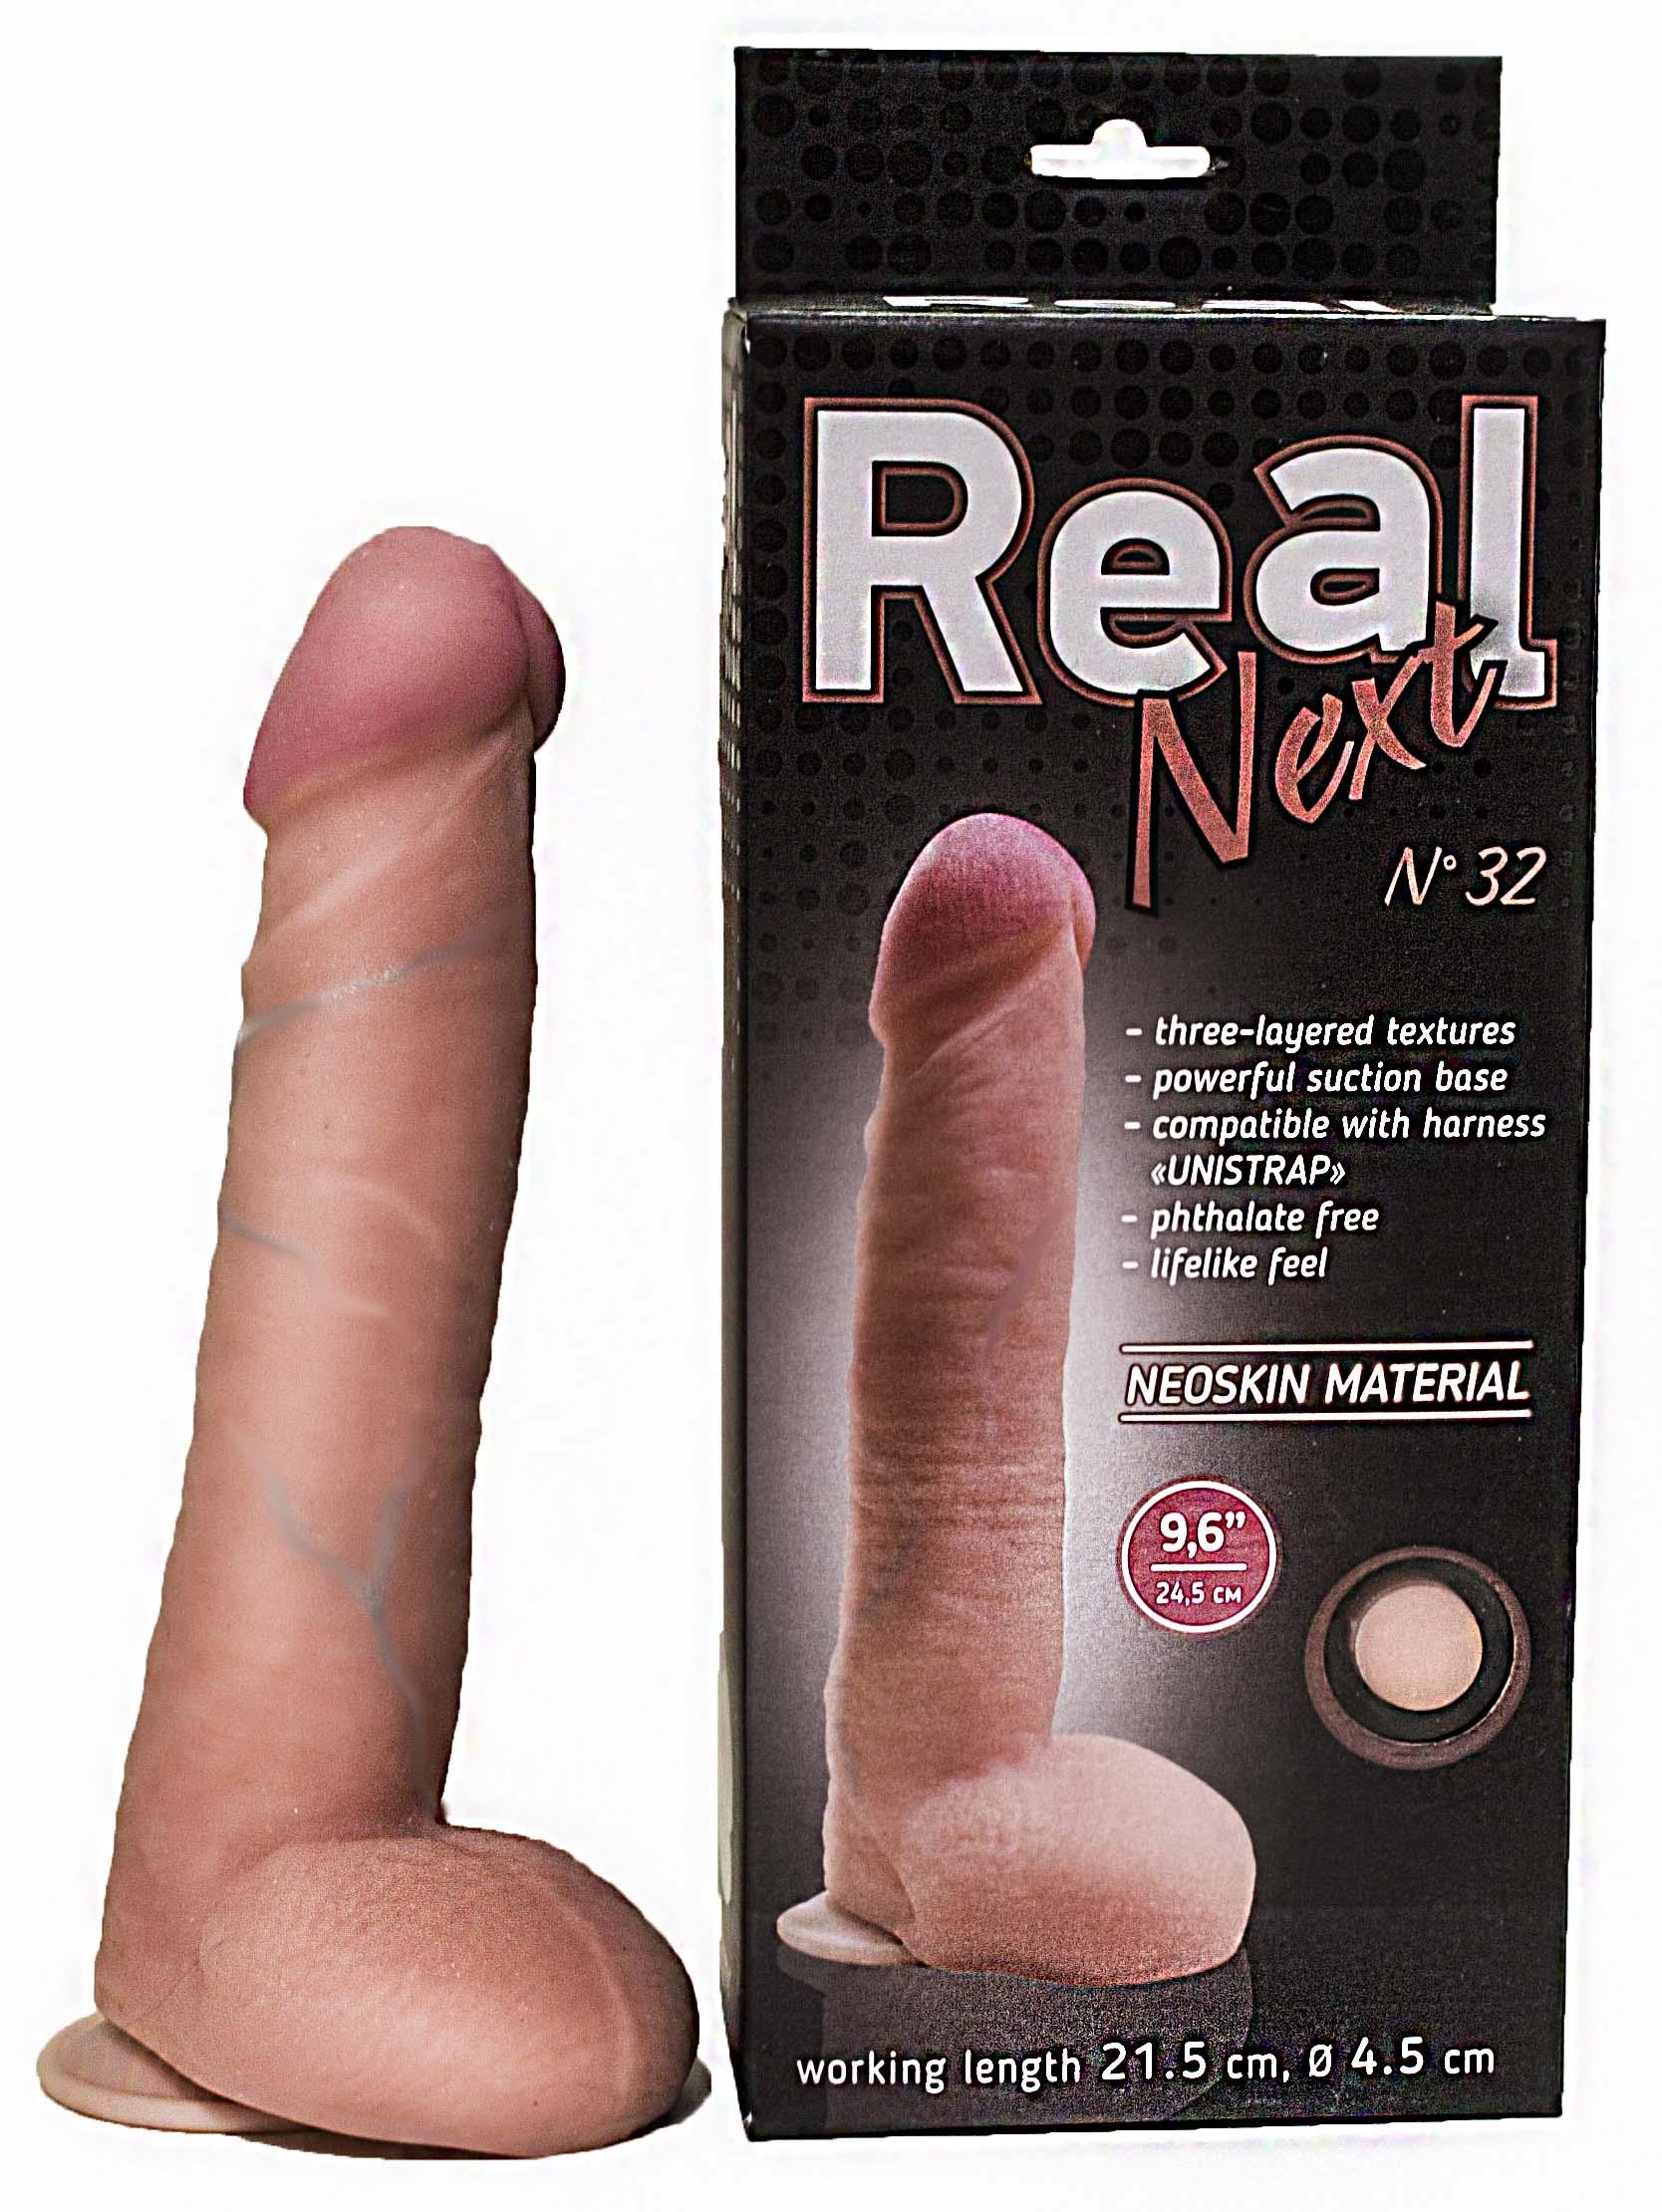 Фаллоимитатор с мошонкой REAL NEXT № 32 на присоске, 21,5(19,5)х4,5 см